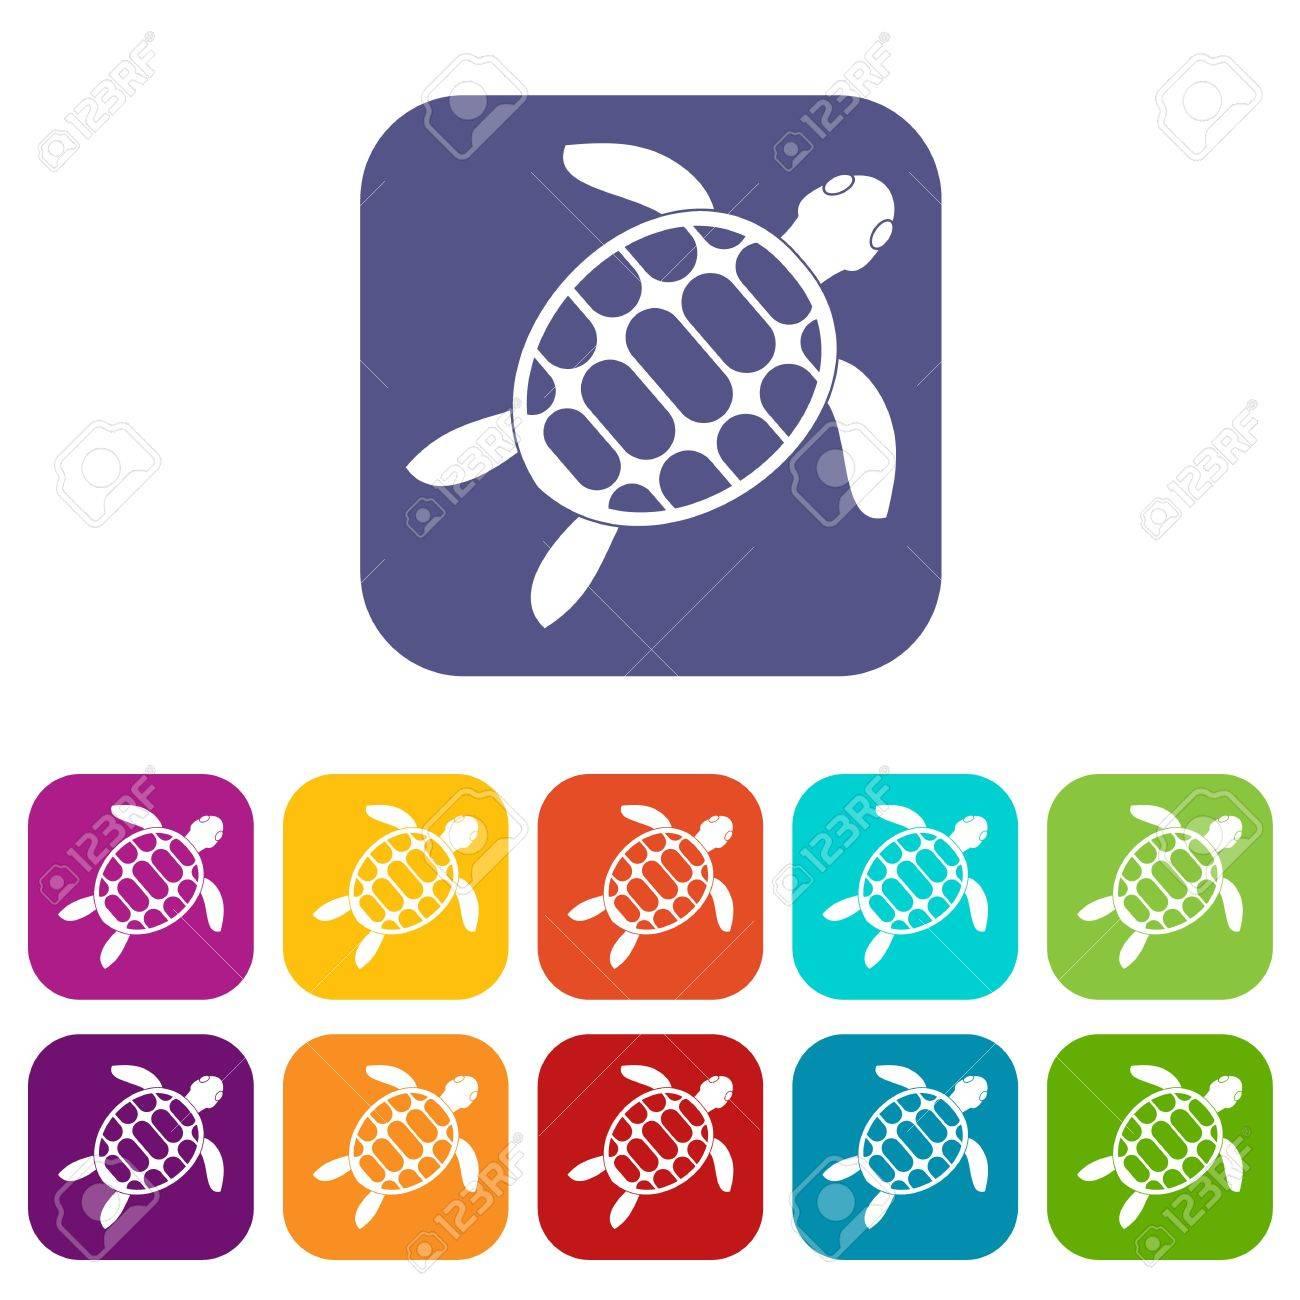 Schildkröte Icons Set Vektor-Illustration In Flachen Stil In Farben ...